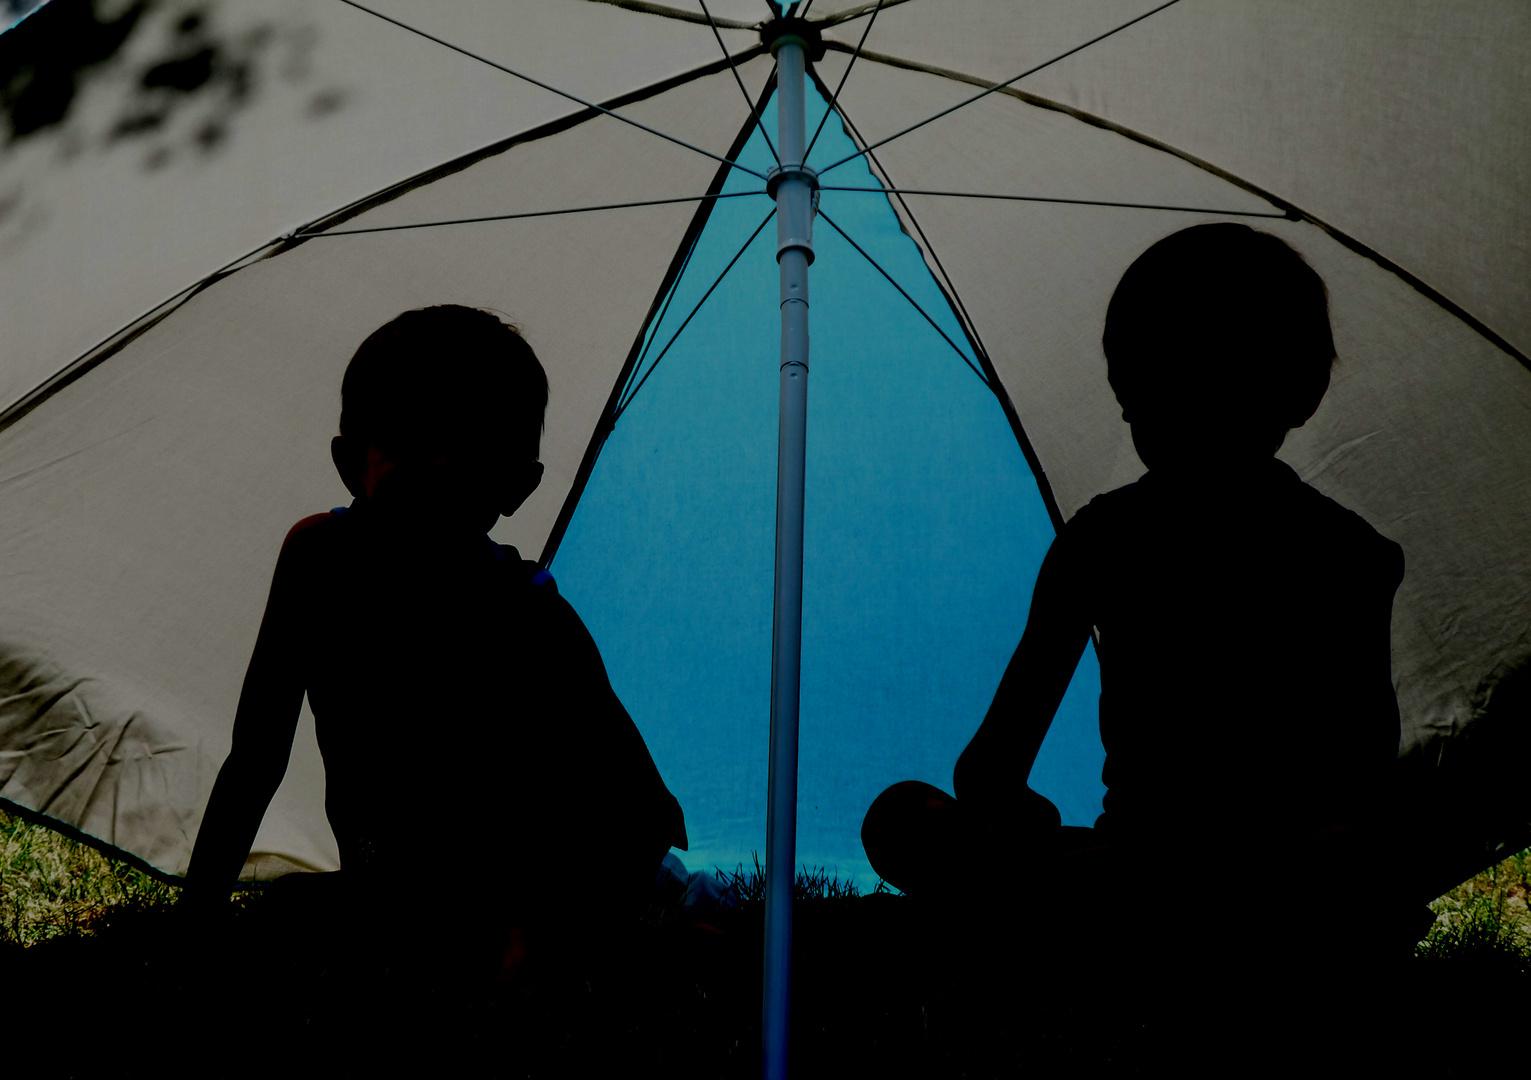 Ombres chinoises sous le parasol.